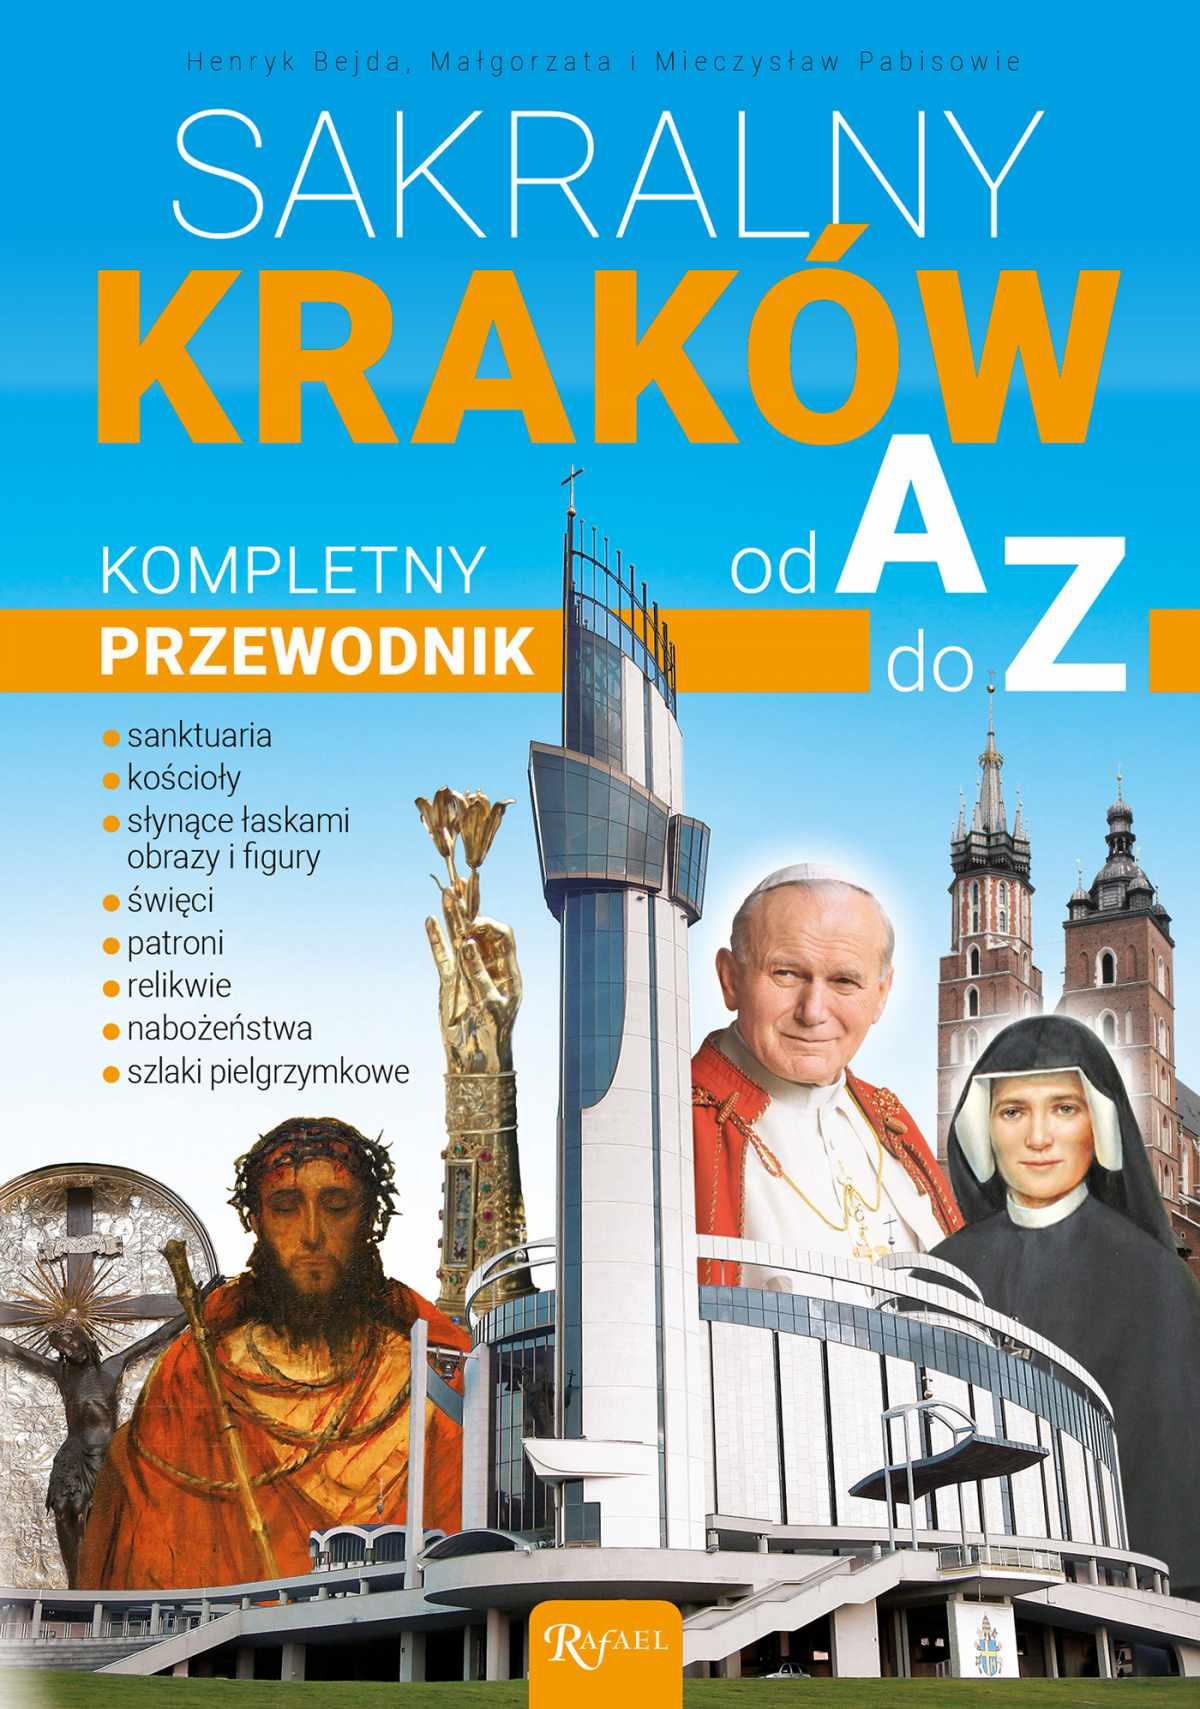 Sakralny Kraków. Kompletny przewodnik od A do Z - Ebook (Książka EPUB) do pobrania w formacie EPUB